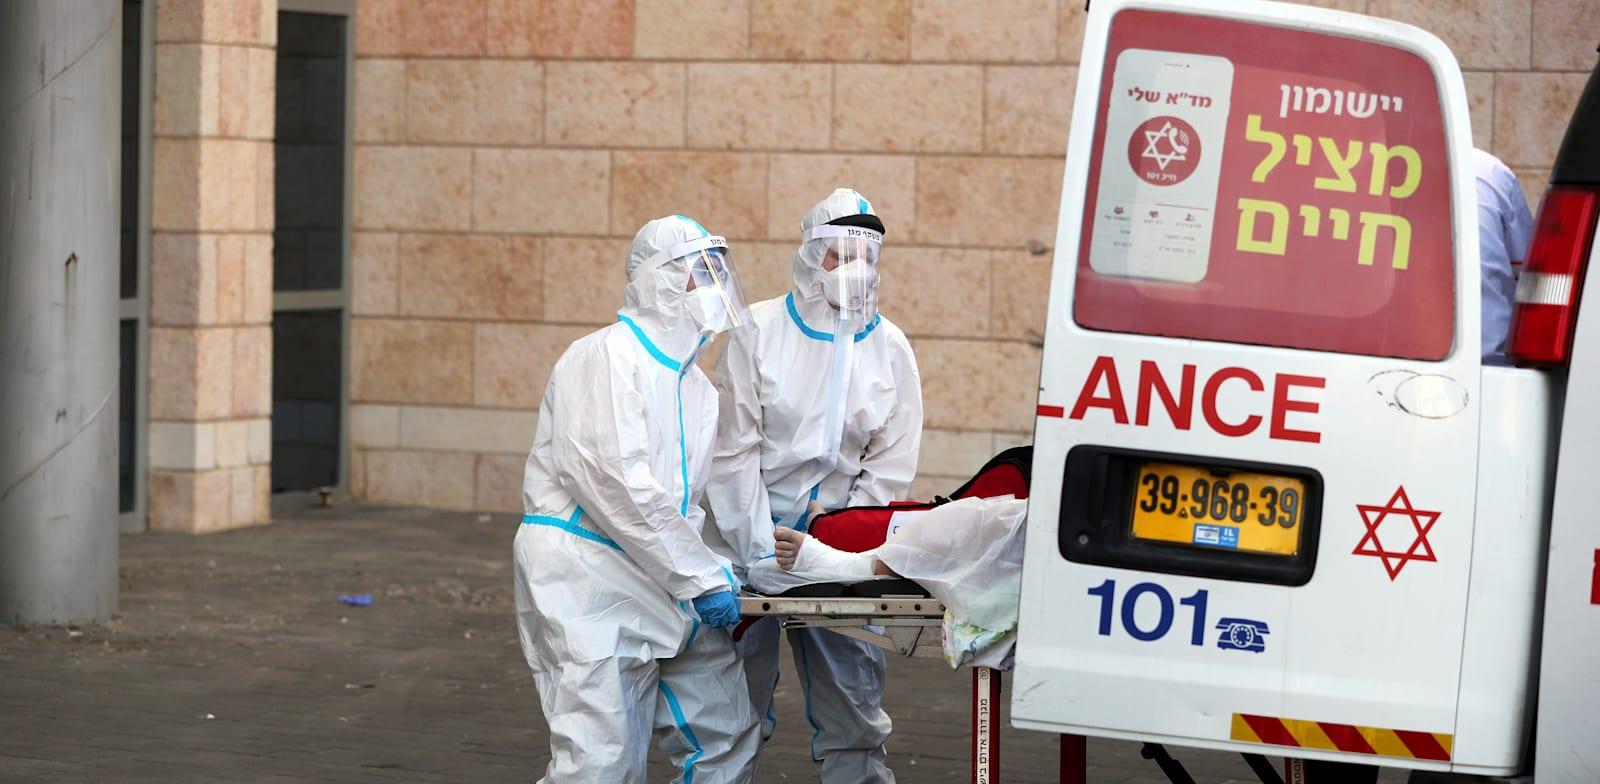 """פרמדיקים מכניסים חולה קורונה לביה""""ח, בירושלים / צילום: Reuters, Ammar Awad"""